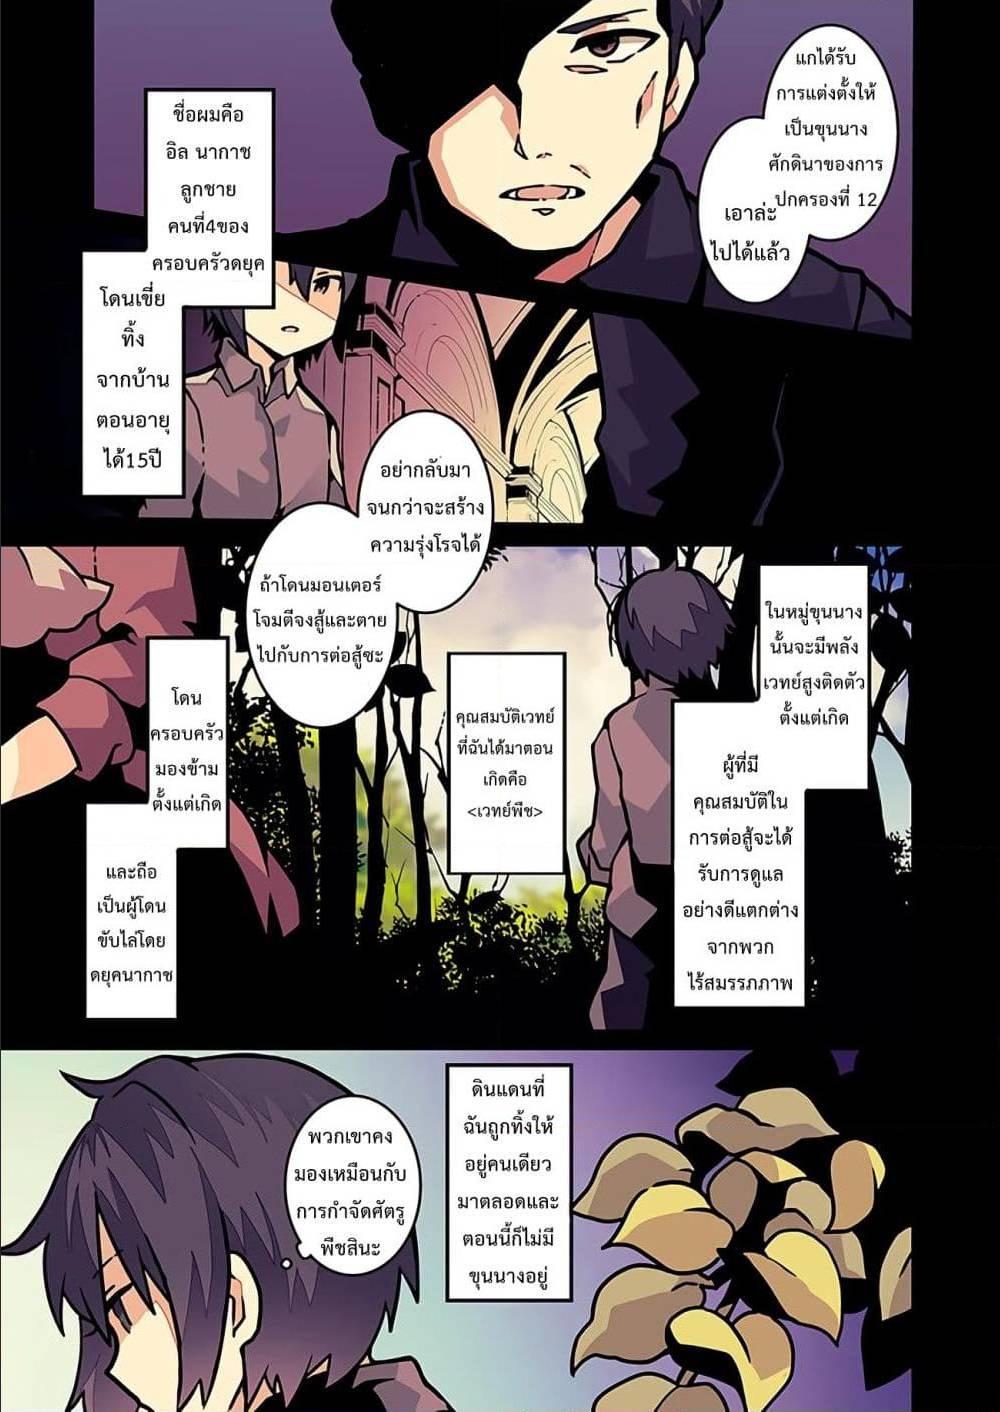 Shokubutsu Mahou Chito de Nonbiri Ryoshu Seikatsu Hajimemasu Zense no Chishiki o Kushi Shite Nogyo Shitara Gyakuten Jinsei Hajimatta Kudan ตอนที่ 1